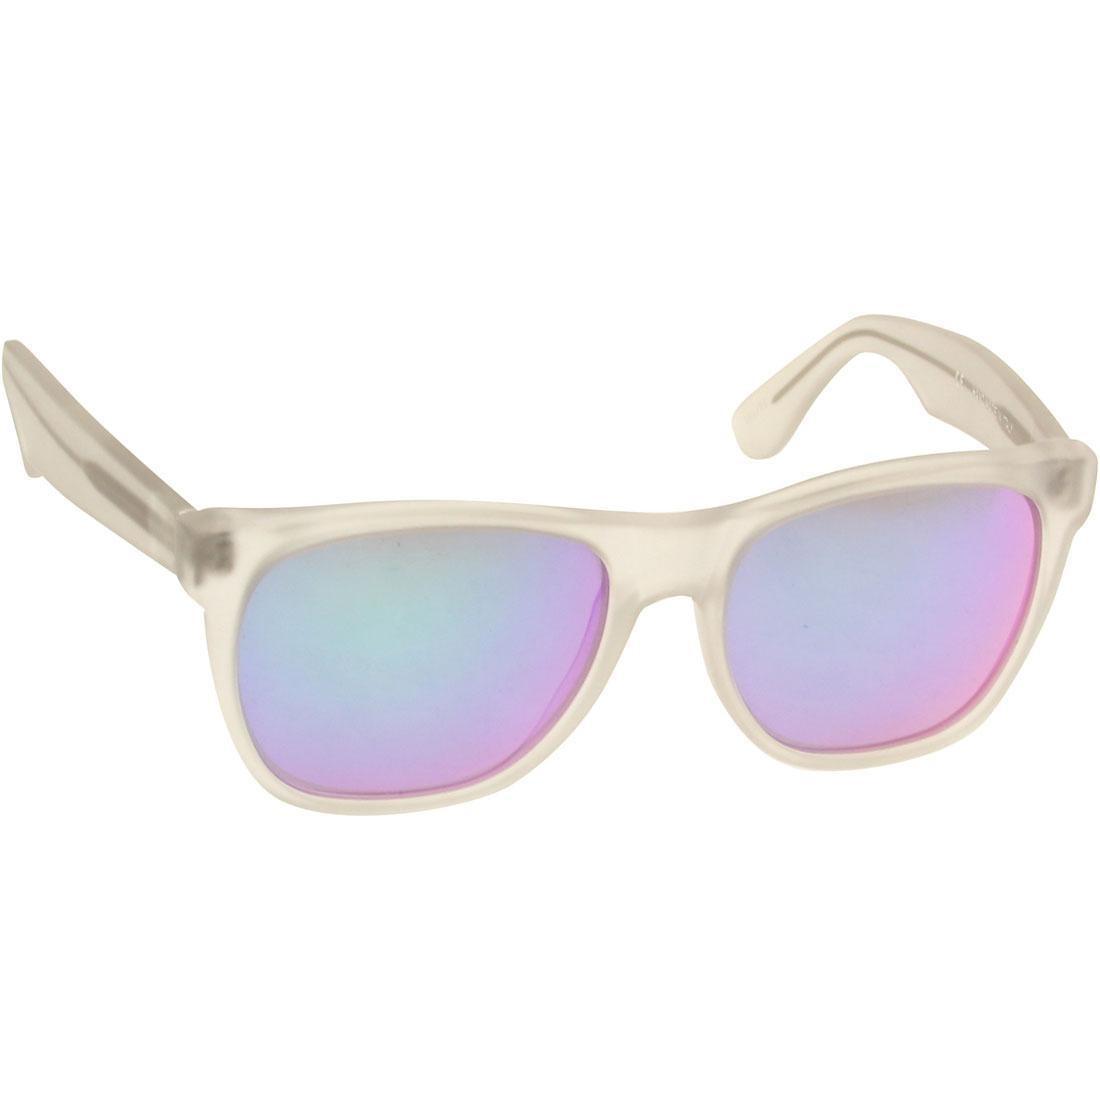 Super Sunglasses Basic Shape (multi / crystal / rainbow lens)